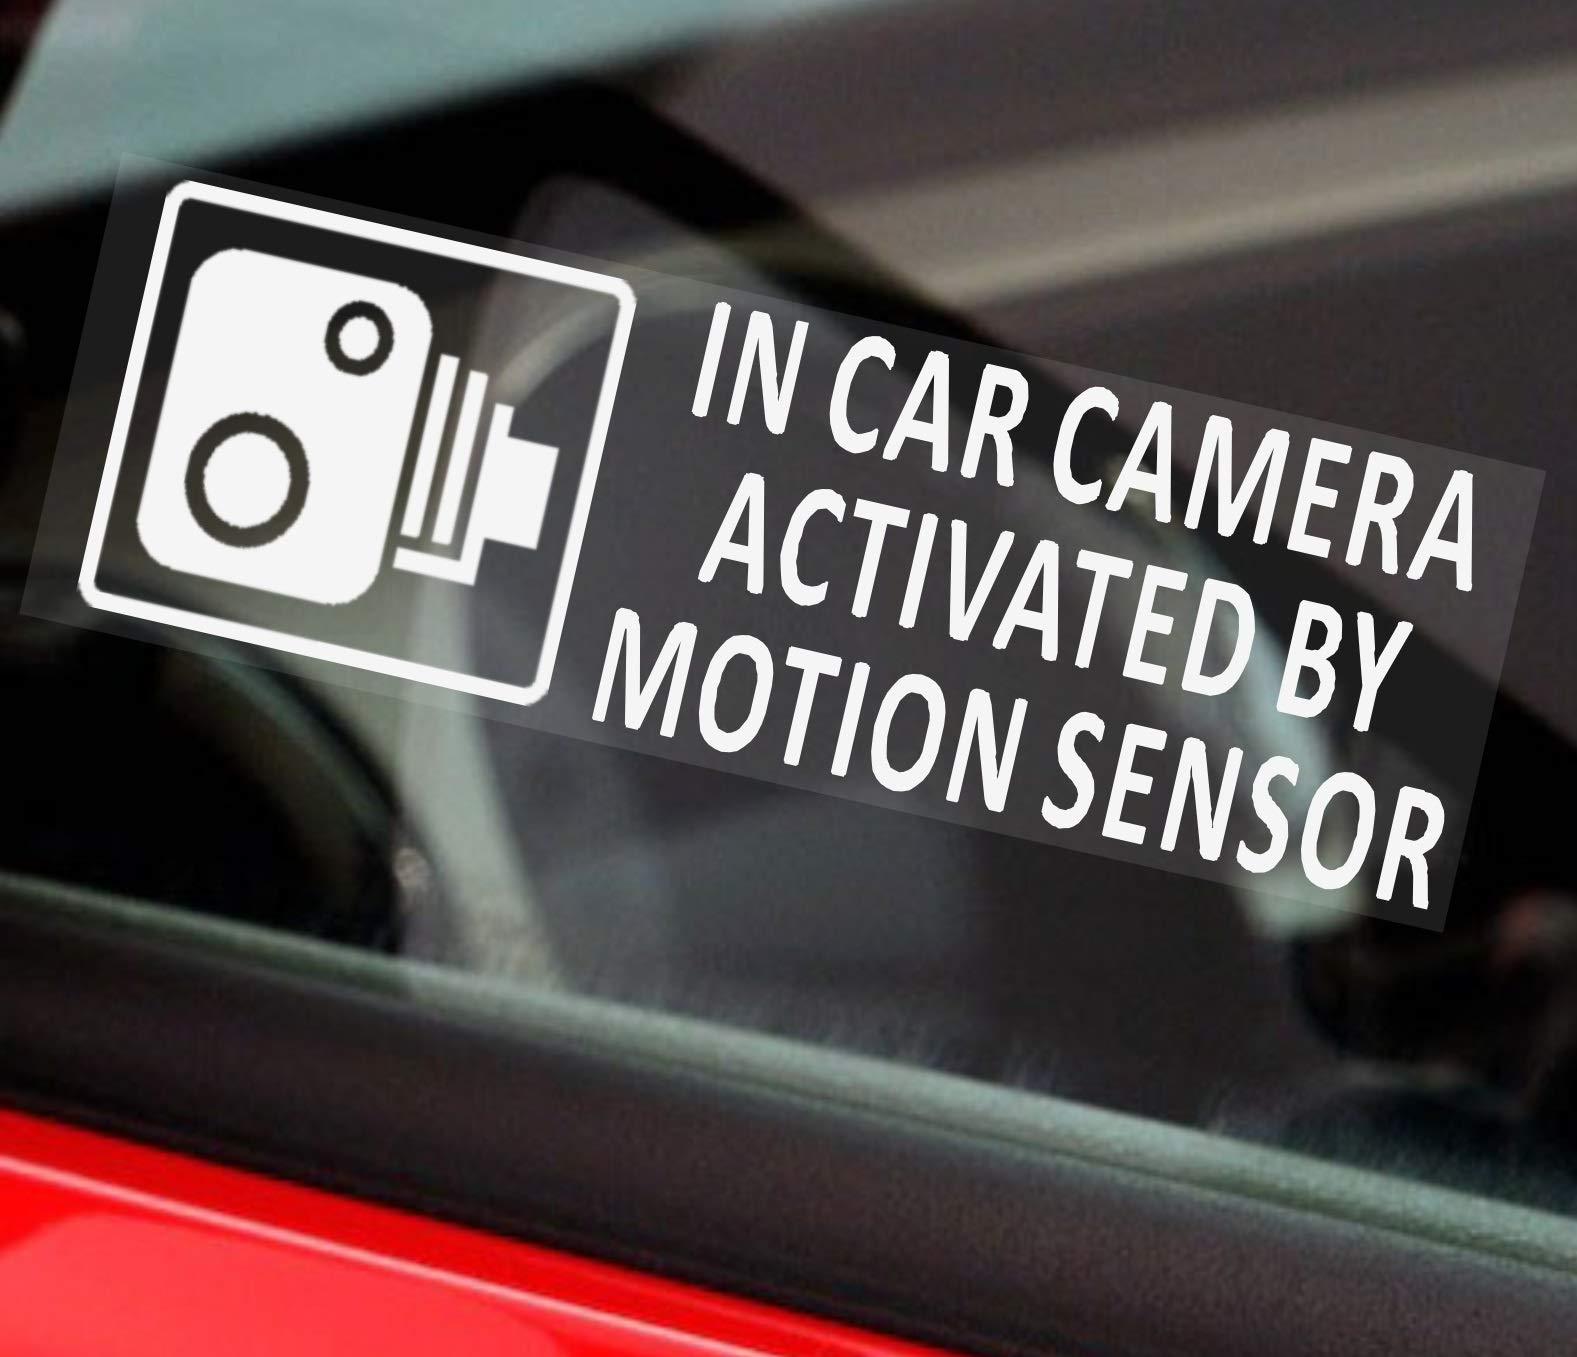 5 Pegatinas de seguridad para vehículo, advertencia de cámara CCTV activada por sensor de movimiento, pegatinas para coche, furgoneta, camión, taxi, autobús, 87 x 30 mm: Amazon.es: Bricolaje y herramientas